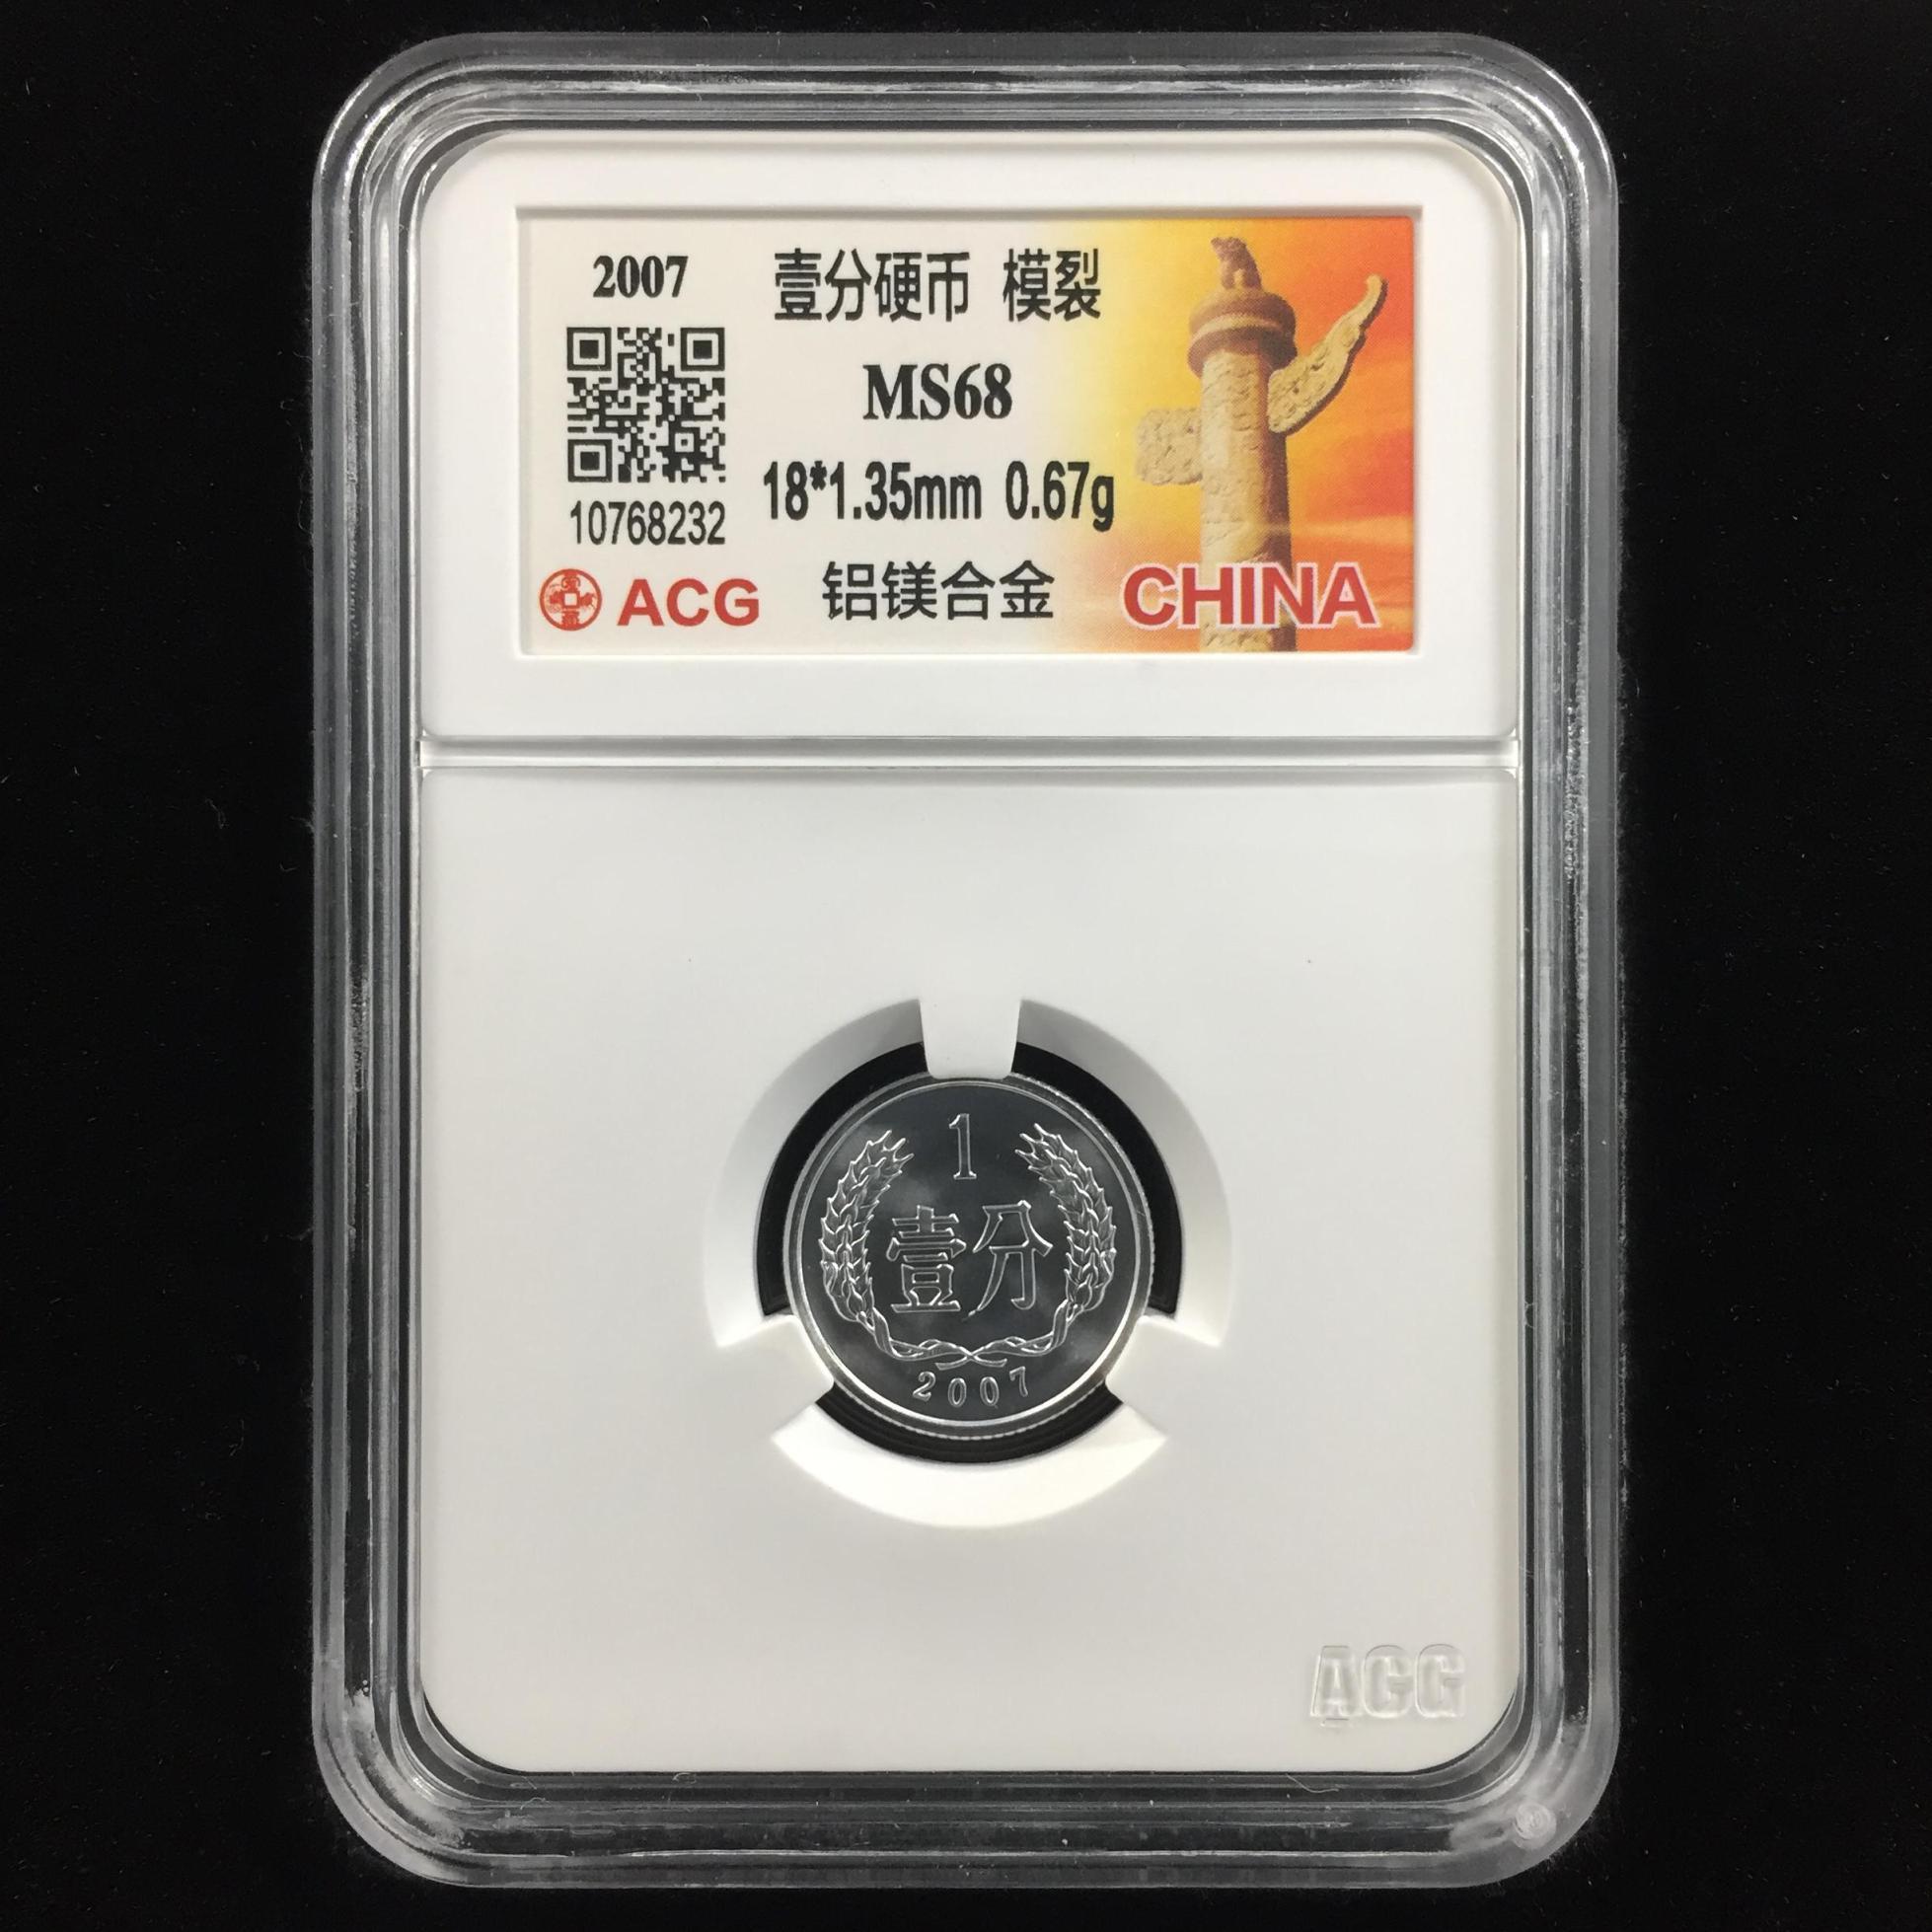 模裂币→2007年1分硬币→ACG鉴定证书-10768232